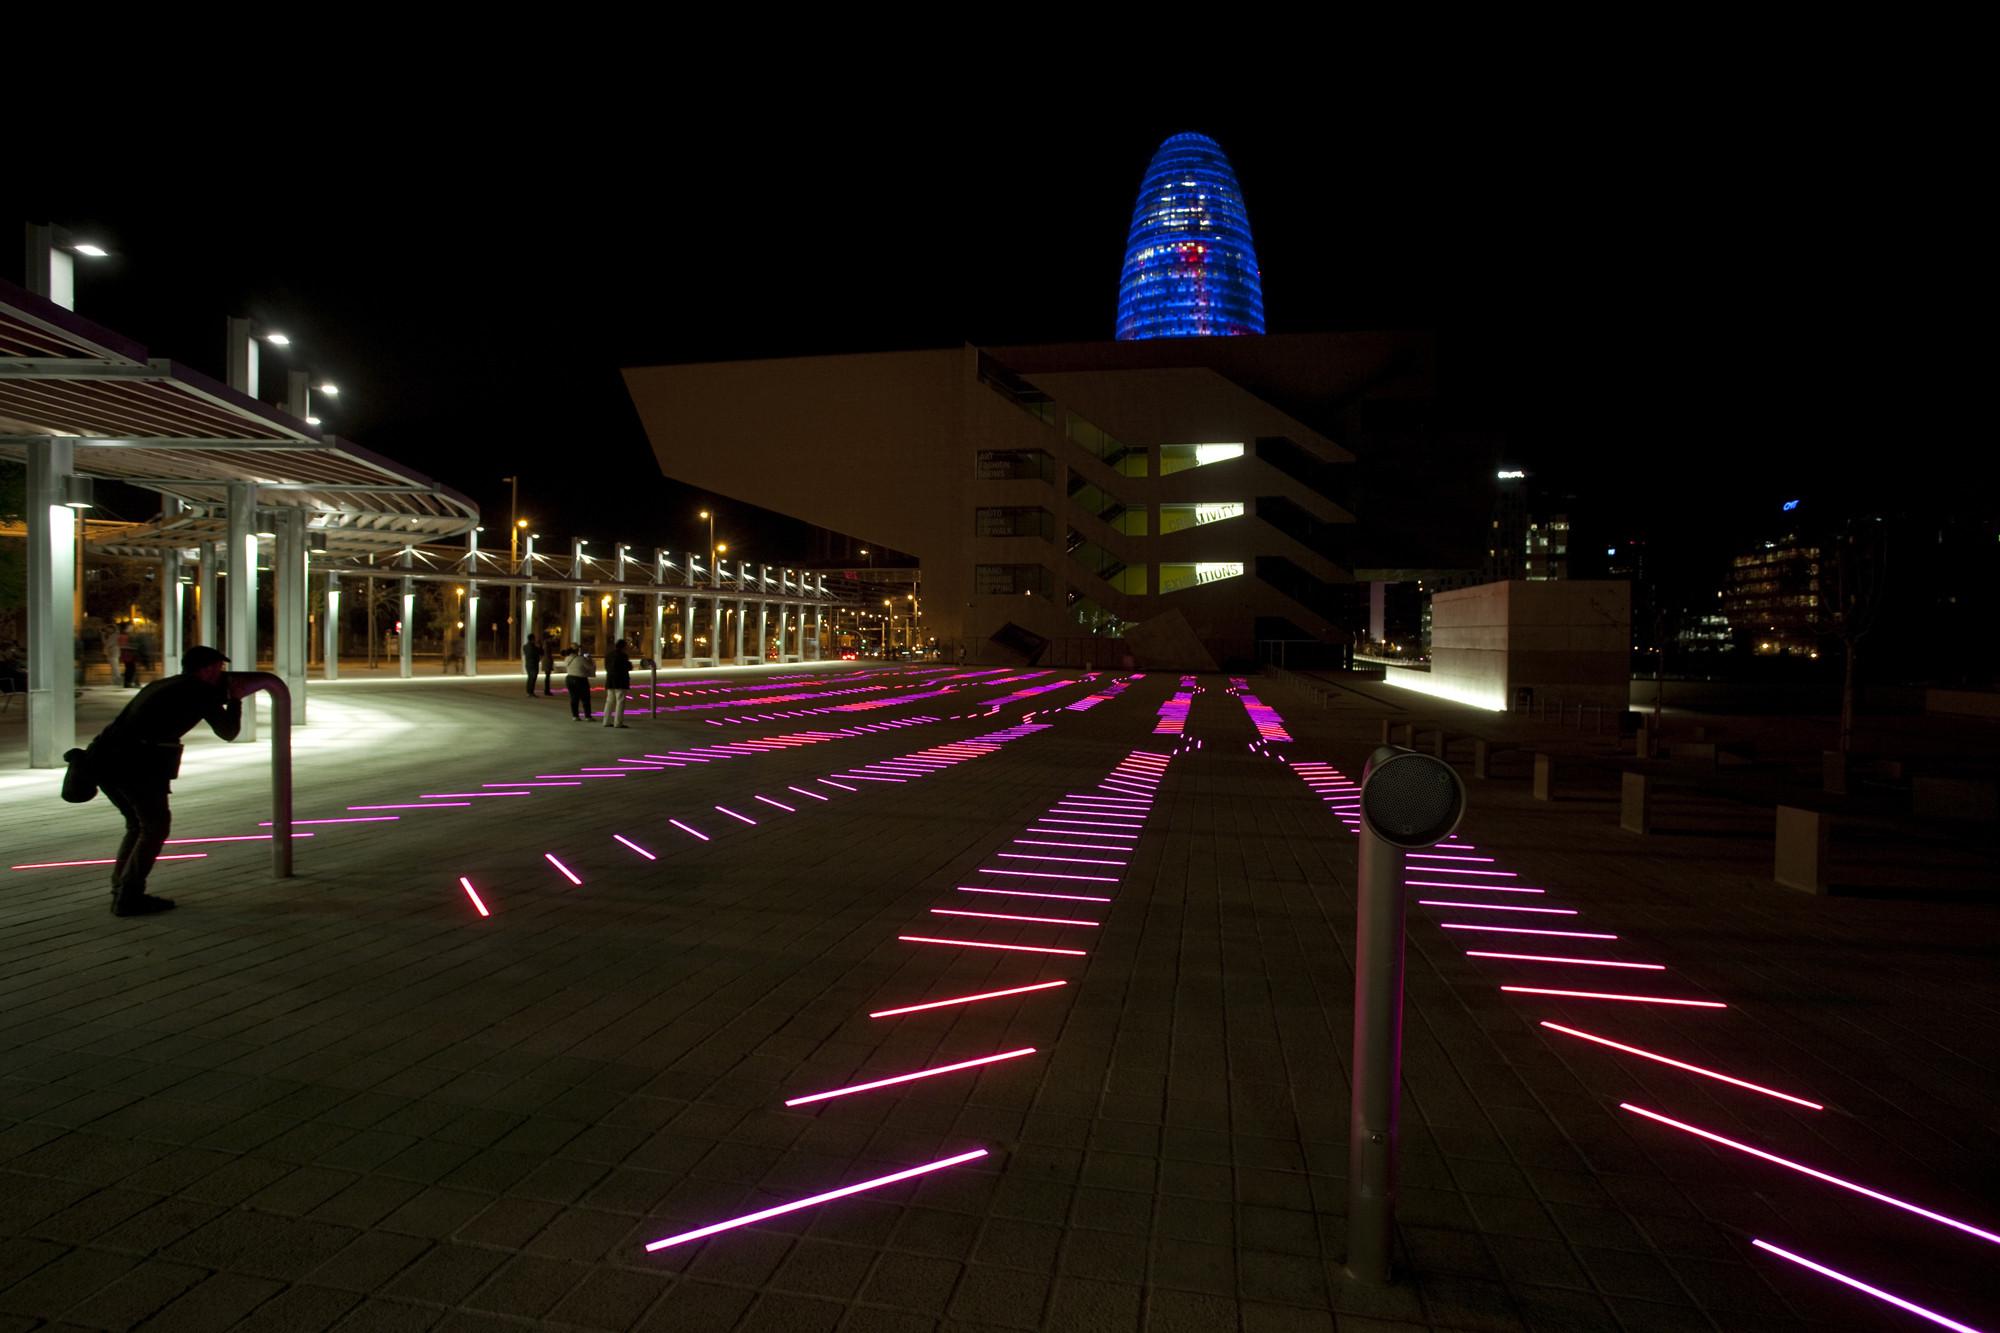 Por la noche, BruumRuum! lleva vida a la plaza.. Image ©  Xavi Padrós